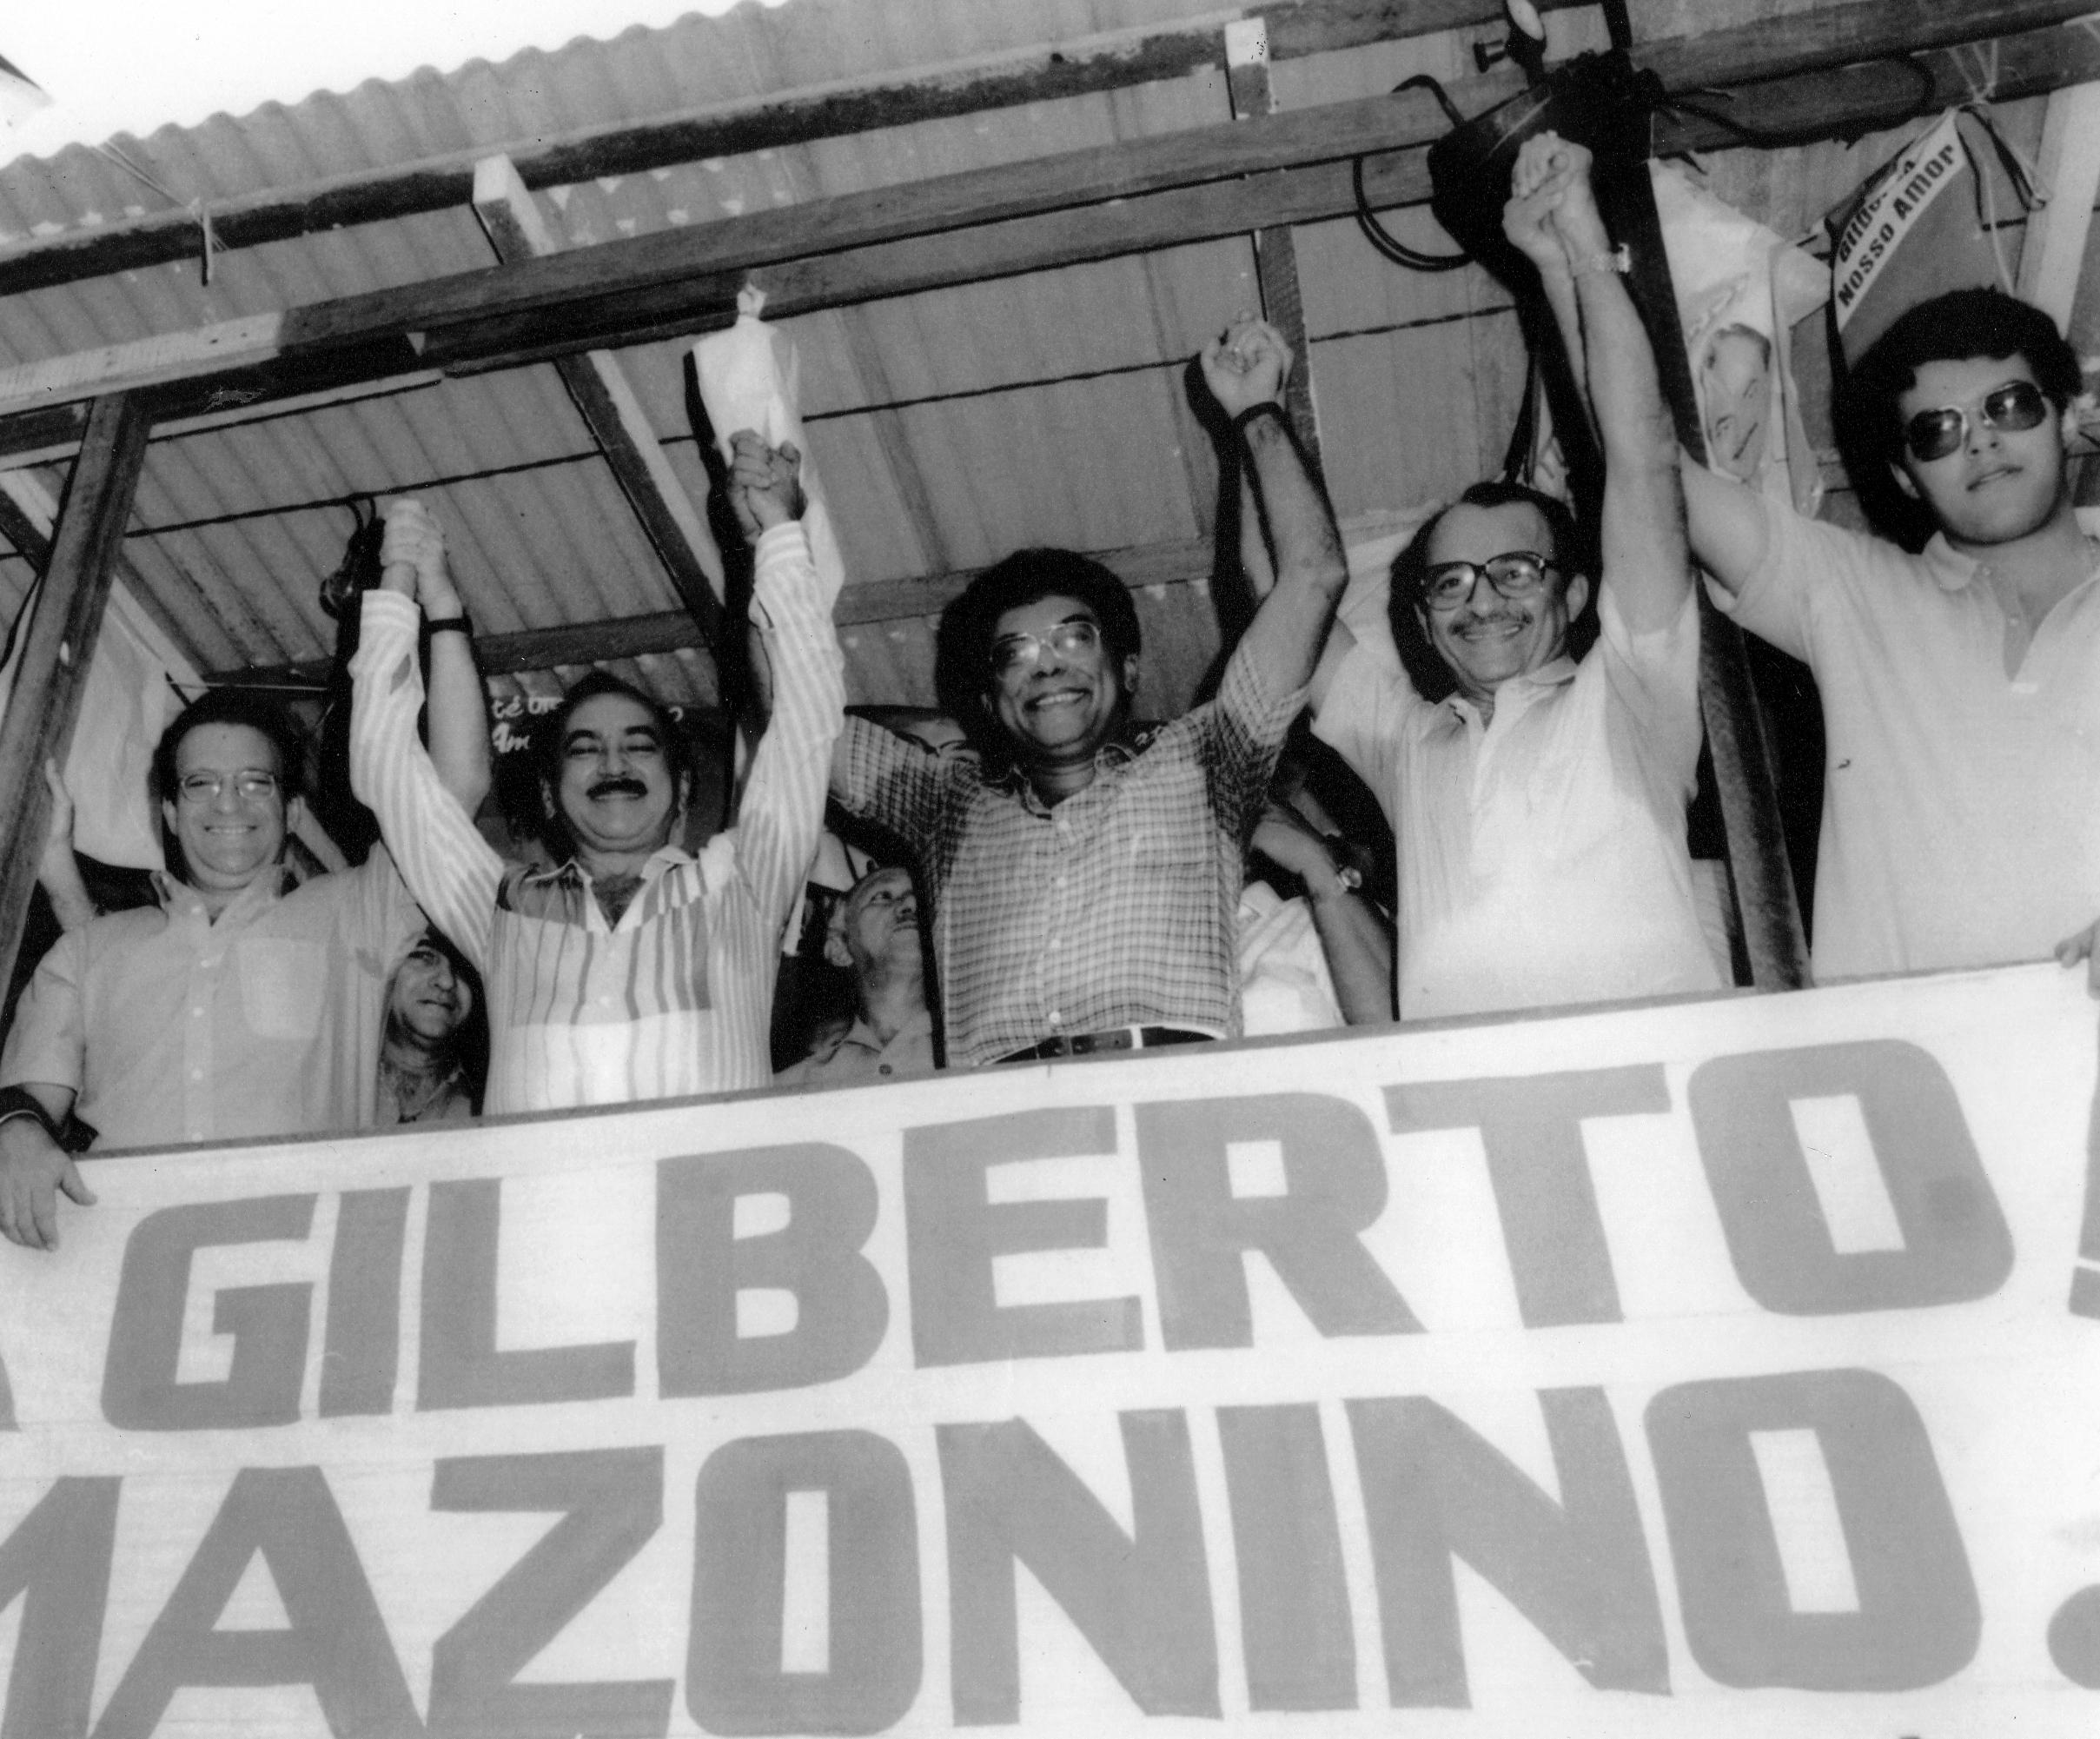 Comício do Gilberto Mestrinho e Amazonino Mendes - IDD